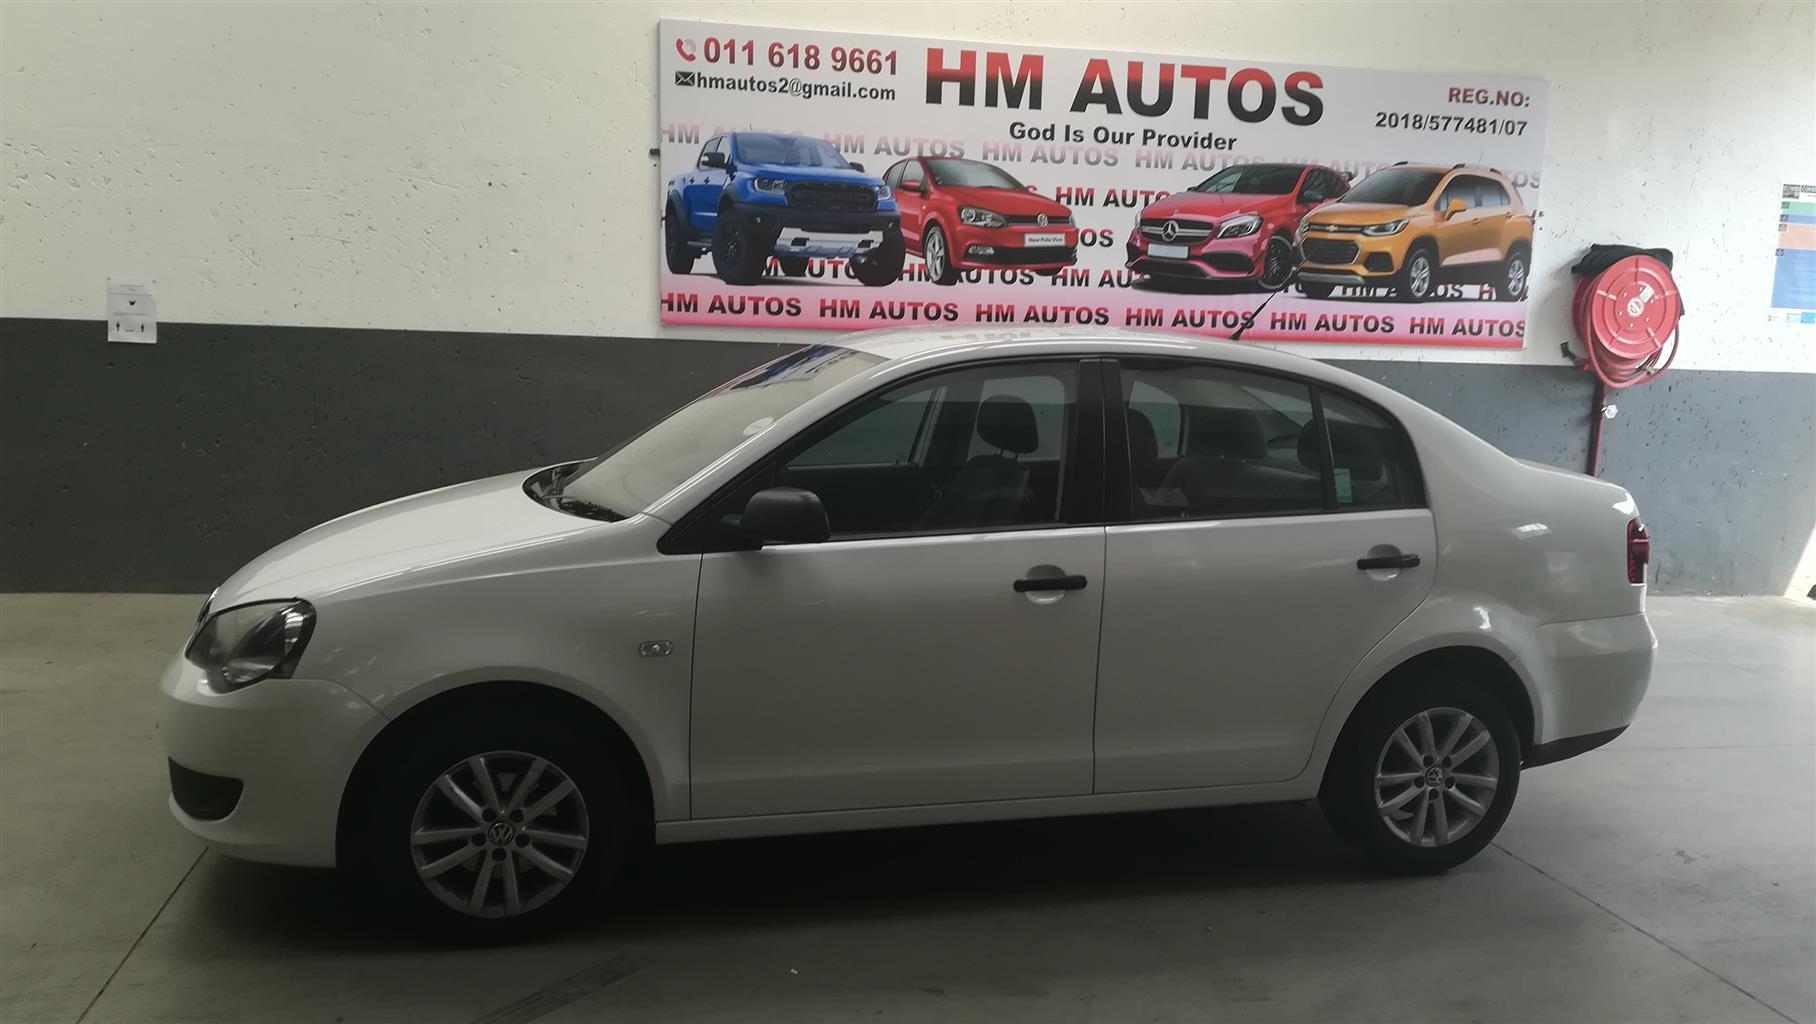 2012 VW Polo Vivo sedan 1.6 Trendline